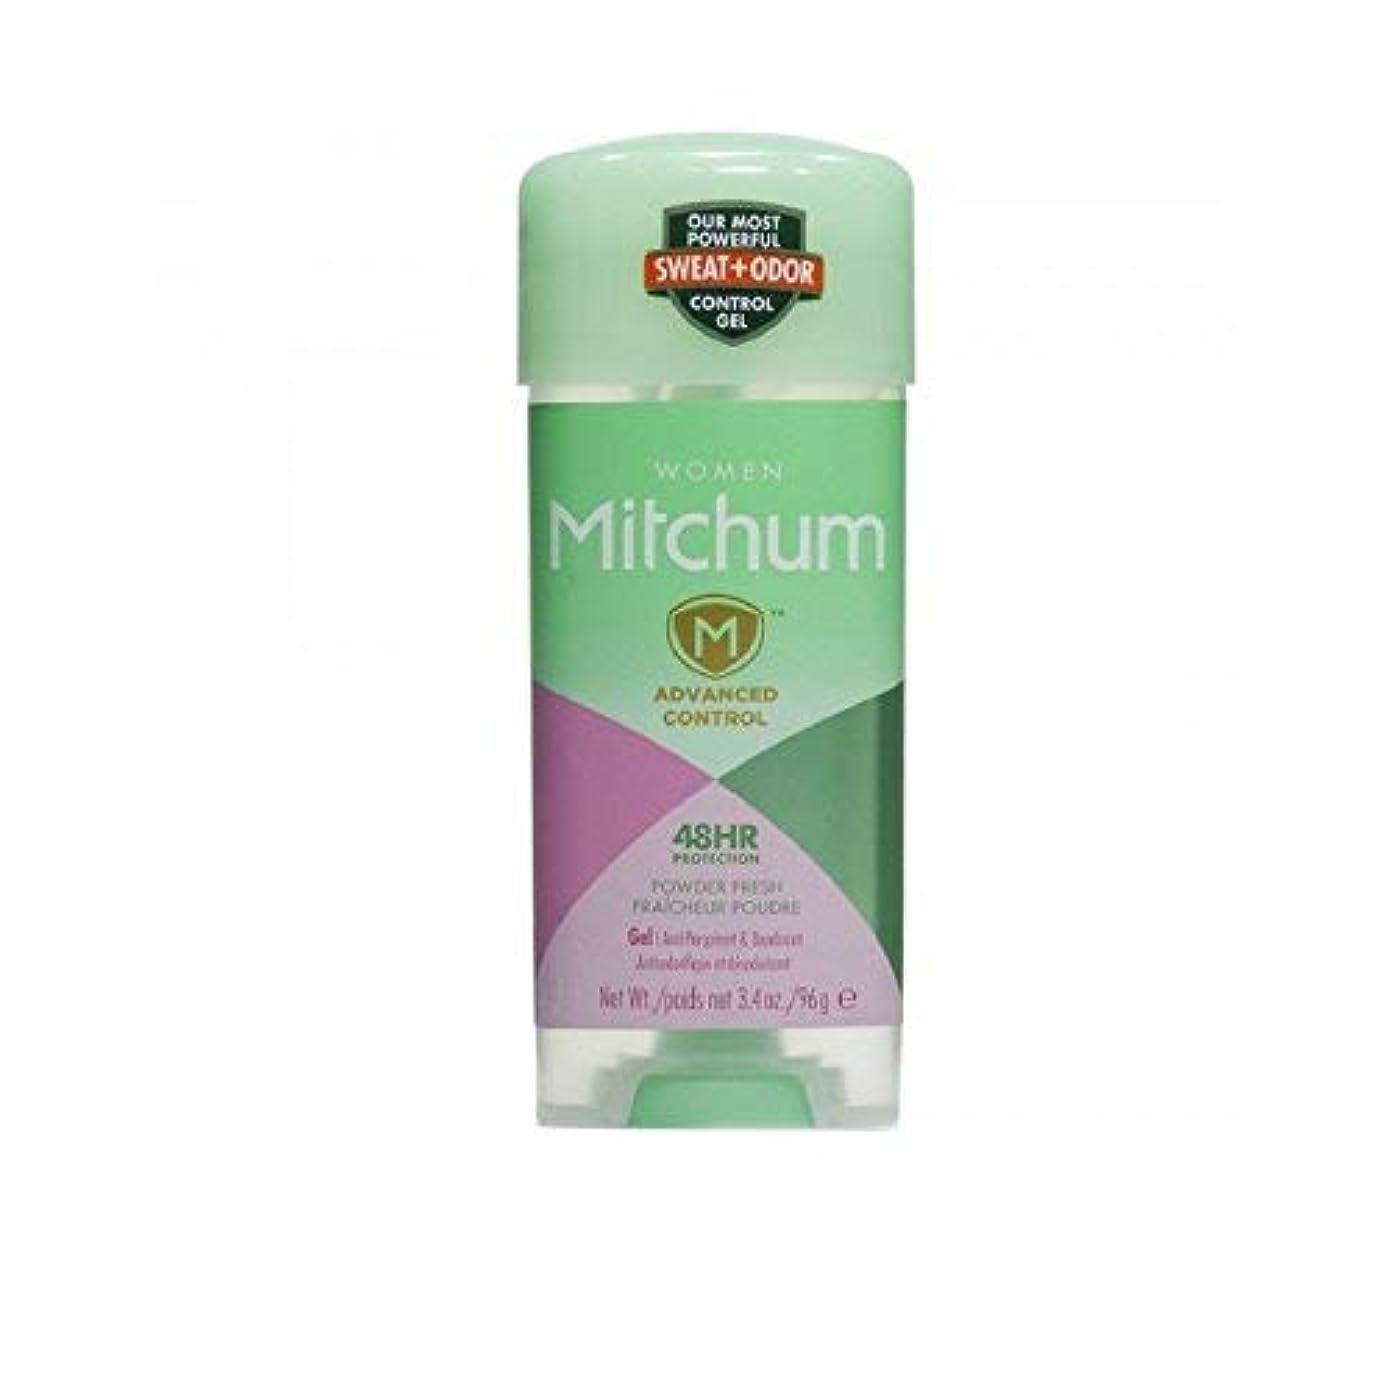 つかまえる量で暗記するMitchum 女性の高度な制御制汗デオドラントクリアジェルのために、新鮮な3.4オンスシャワー(5パック) 5パック